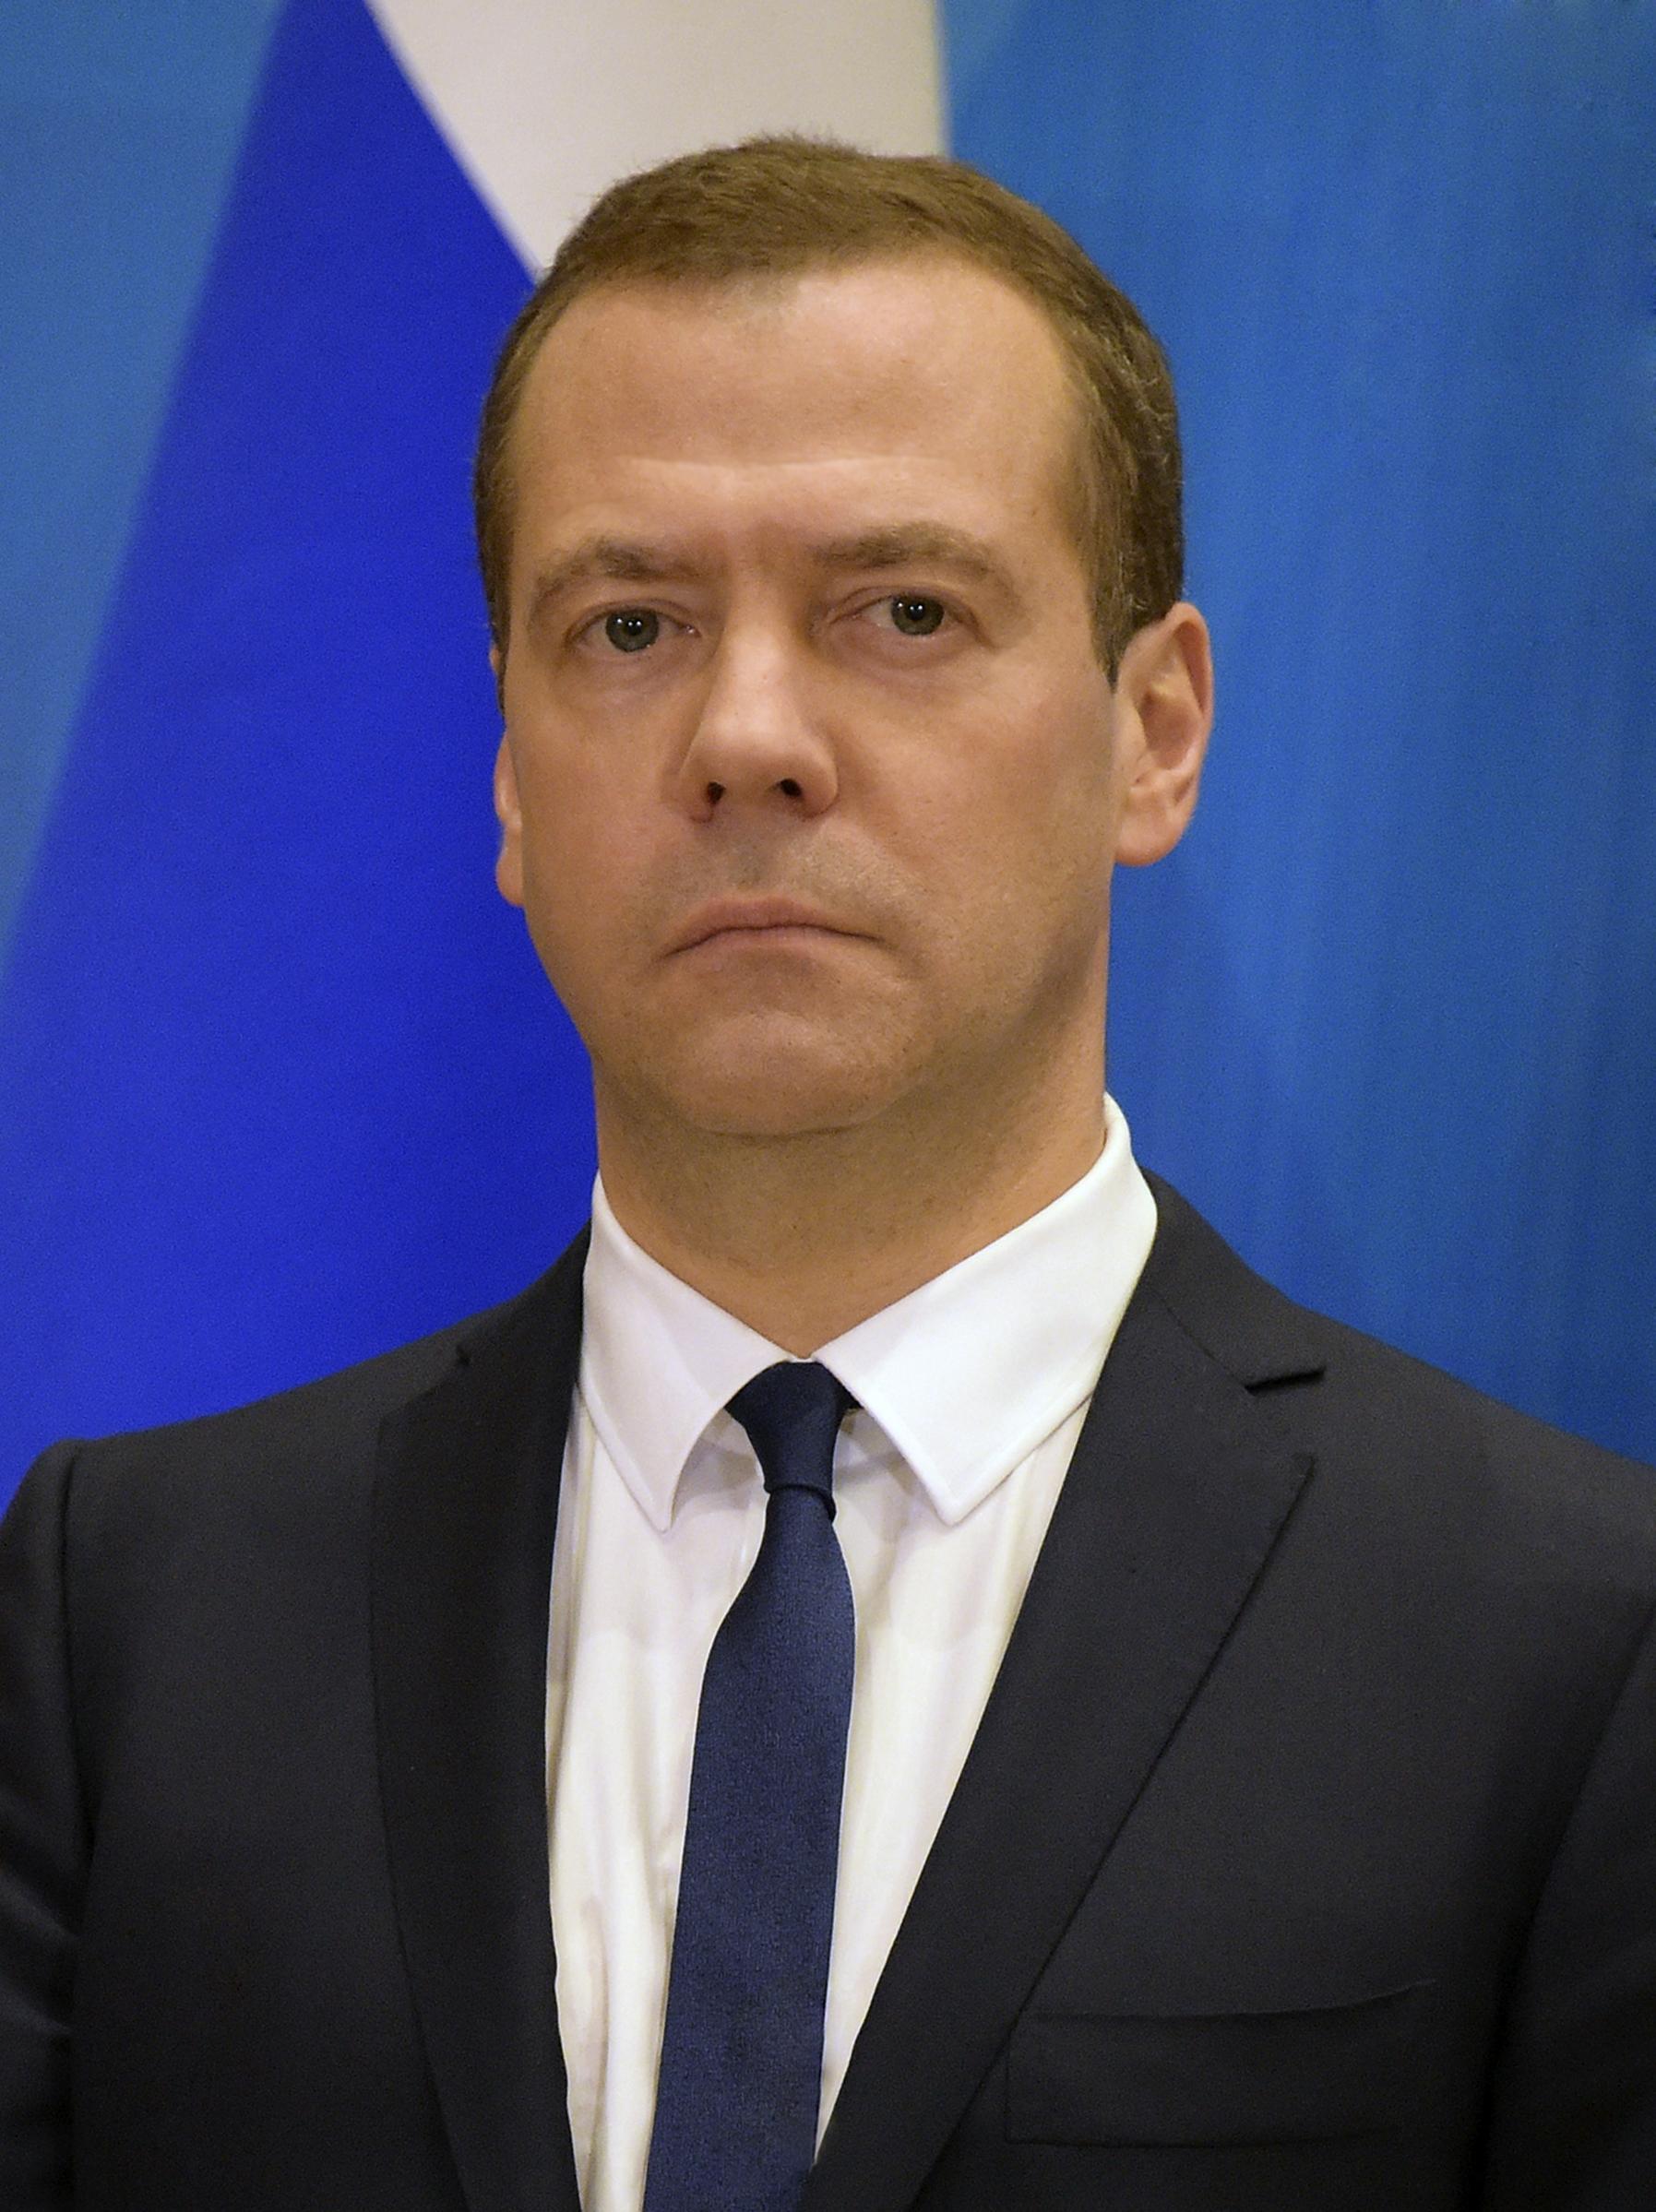 Elecciones generales de Rusia de 2012 (La Elección del Zar)